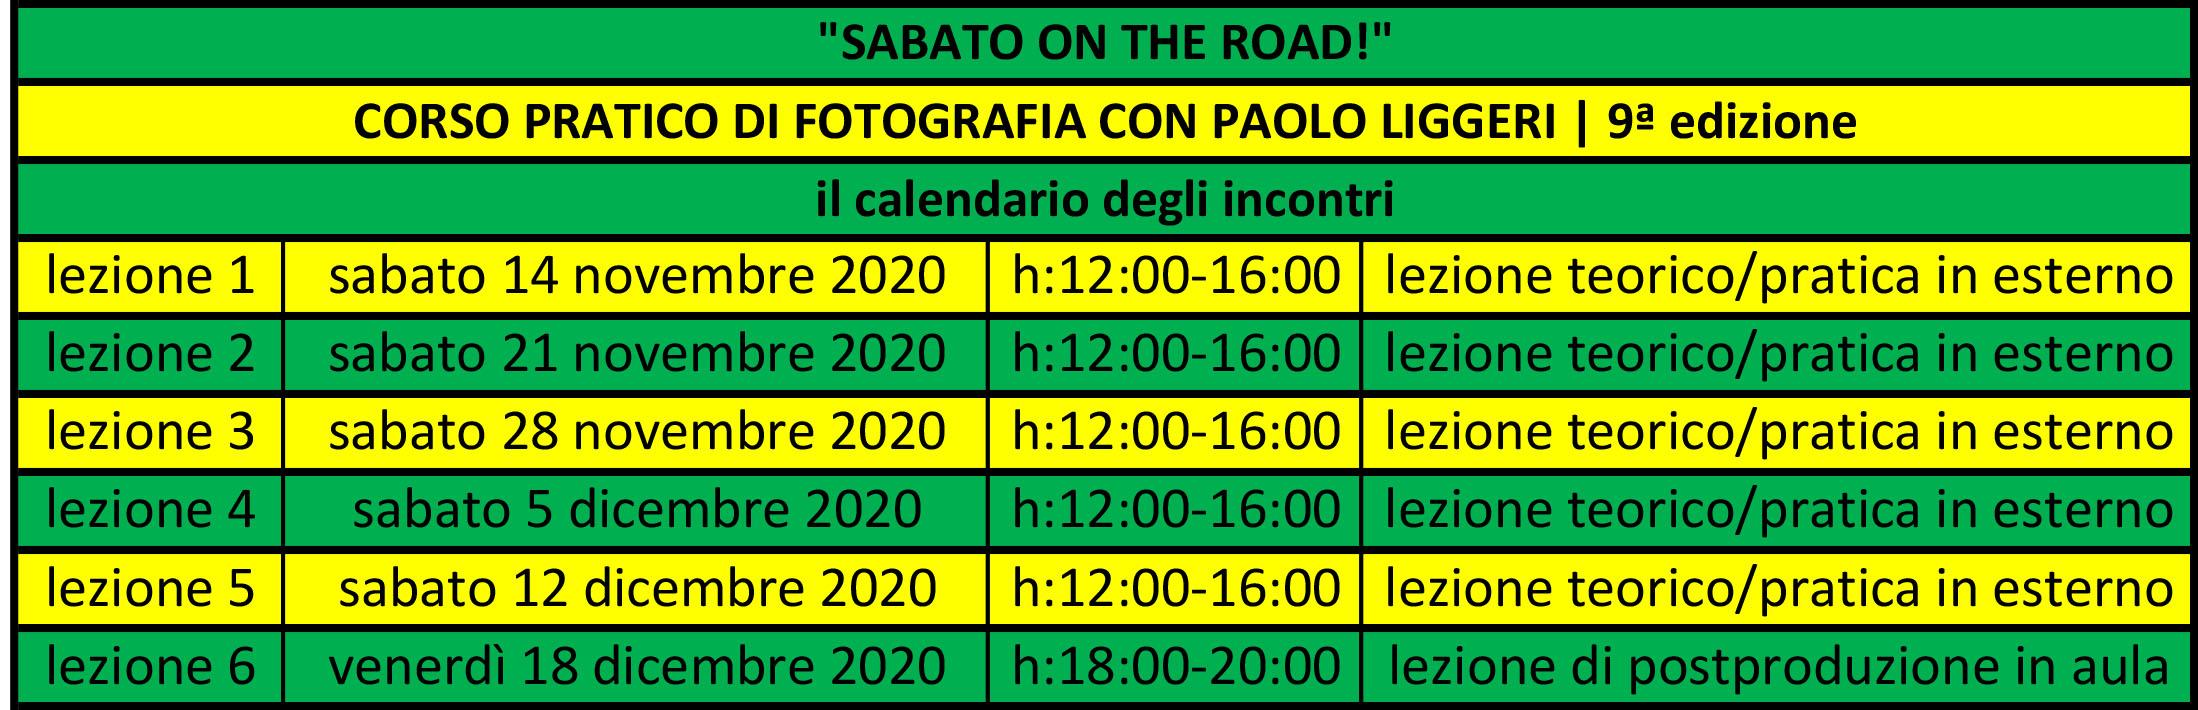 calendario incontri corso SABATO ON THE ROAD edizione n°9